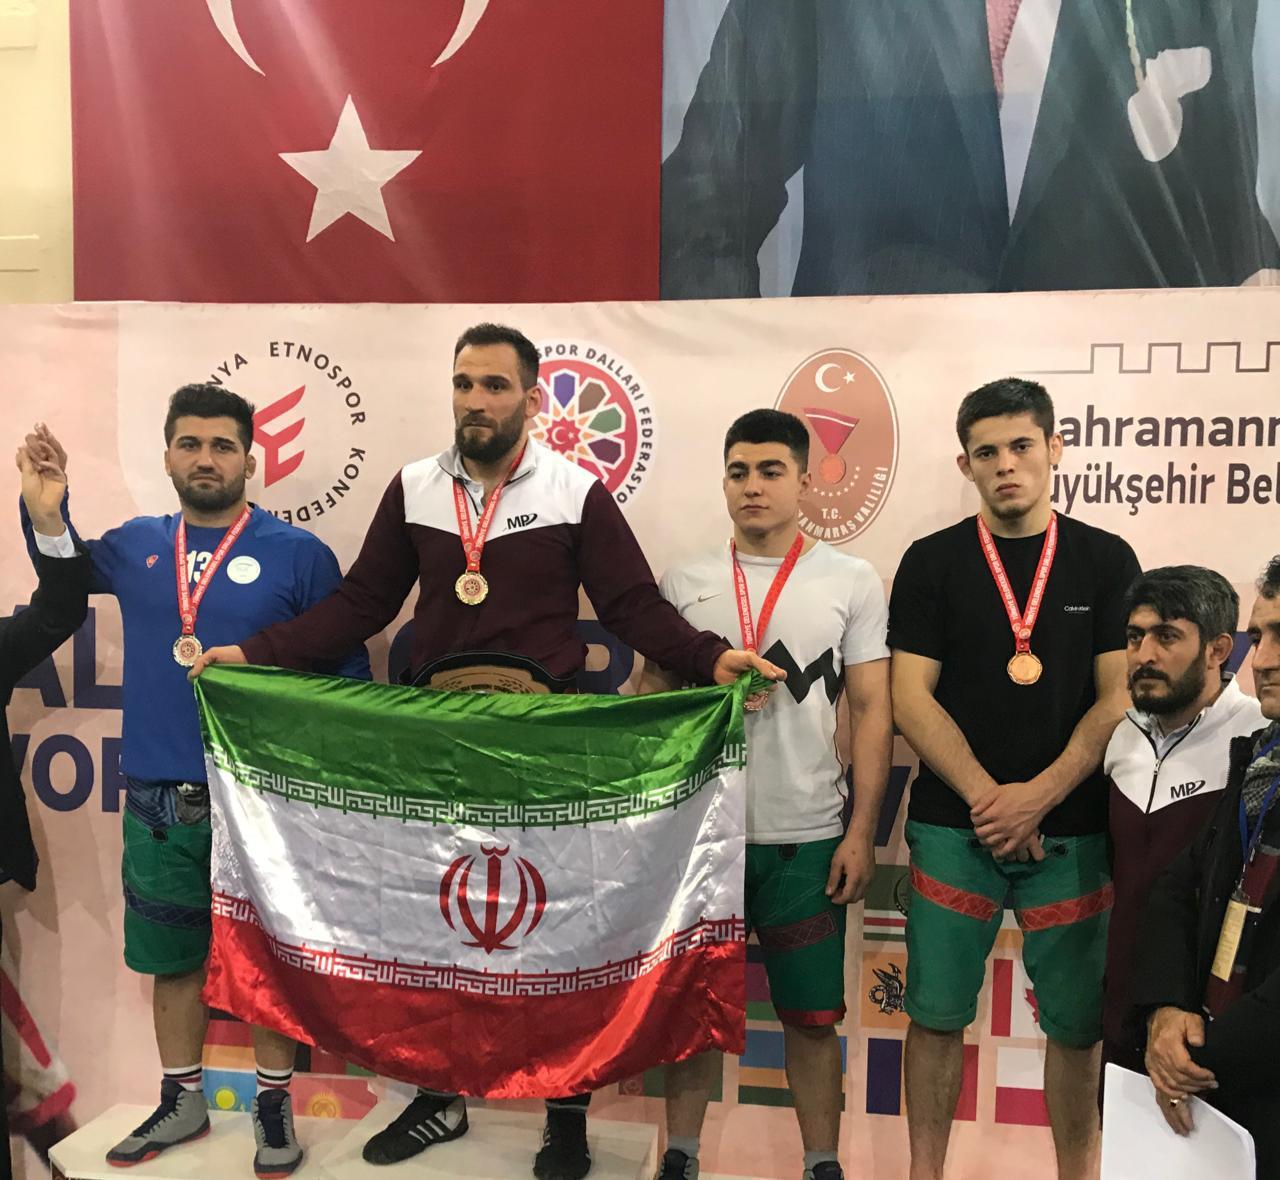 Студенты ЧГПУ стали призерами на Чемпионате мира по турецкой национальной борьбе